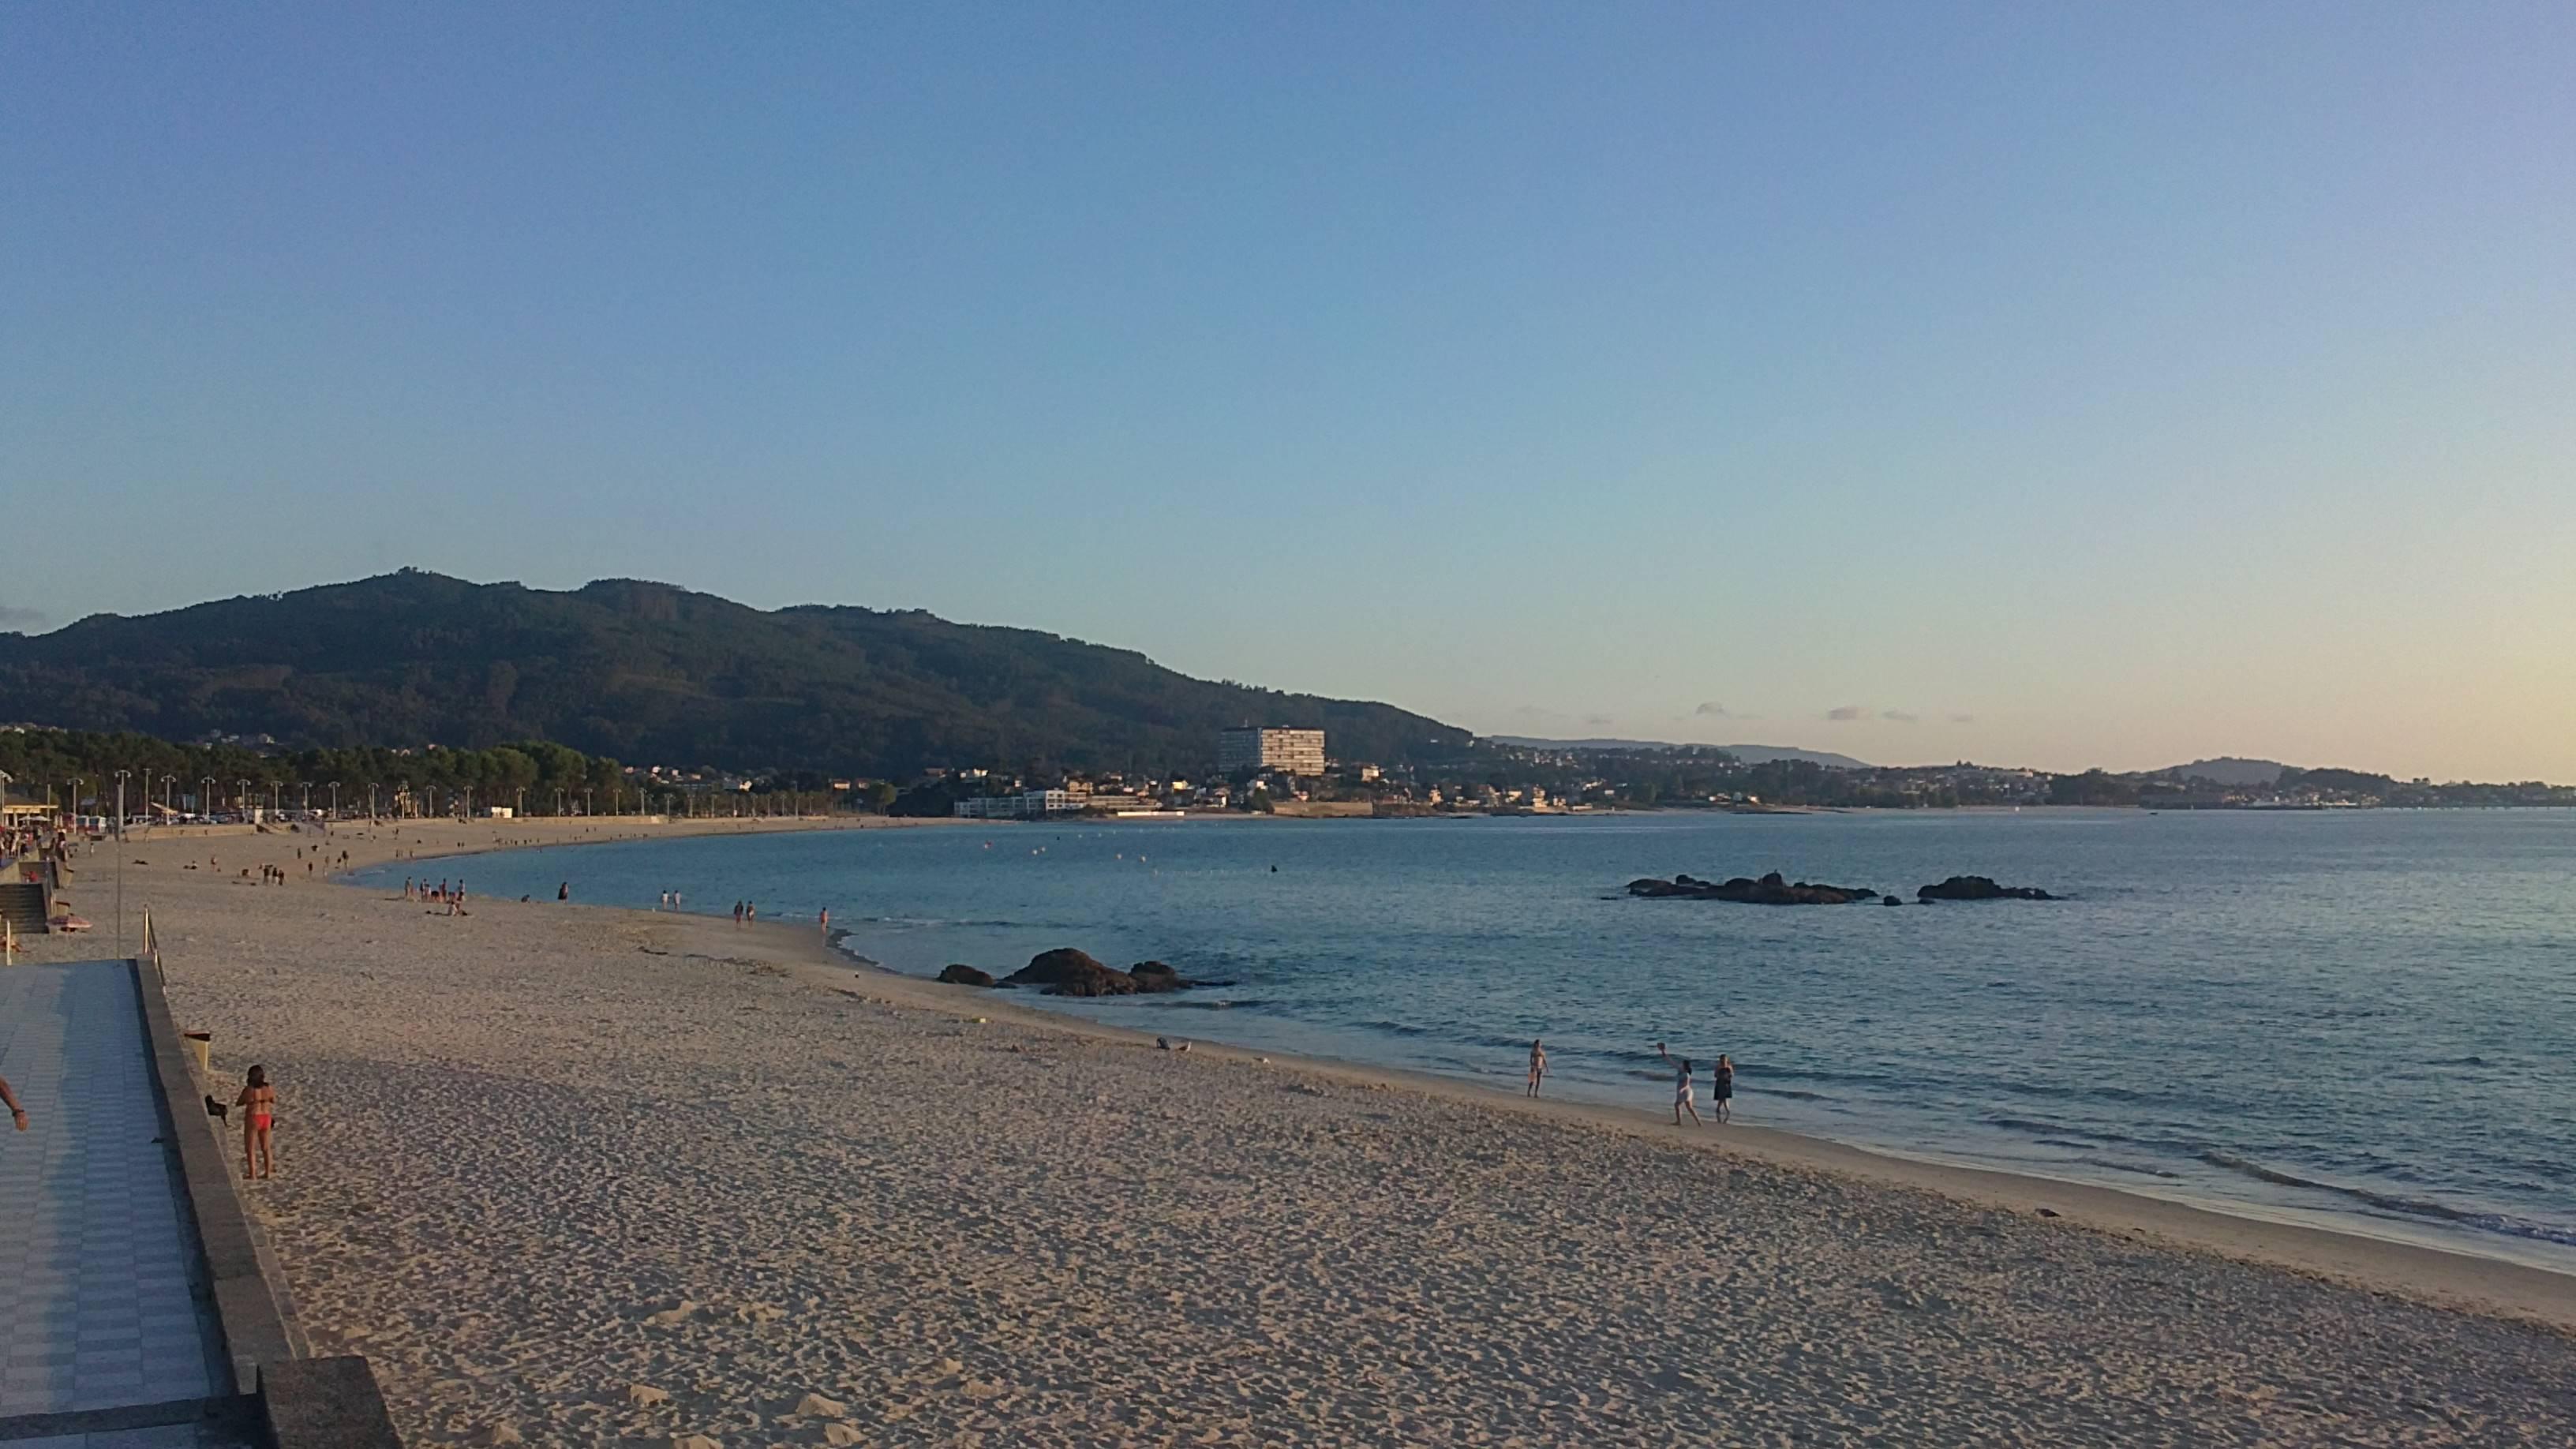 Pregunta: ¿Cómo es + conocida la playa de la foto?